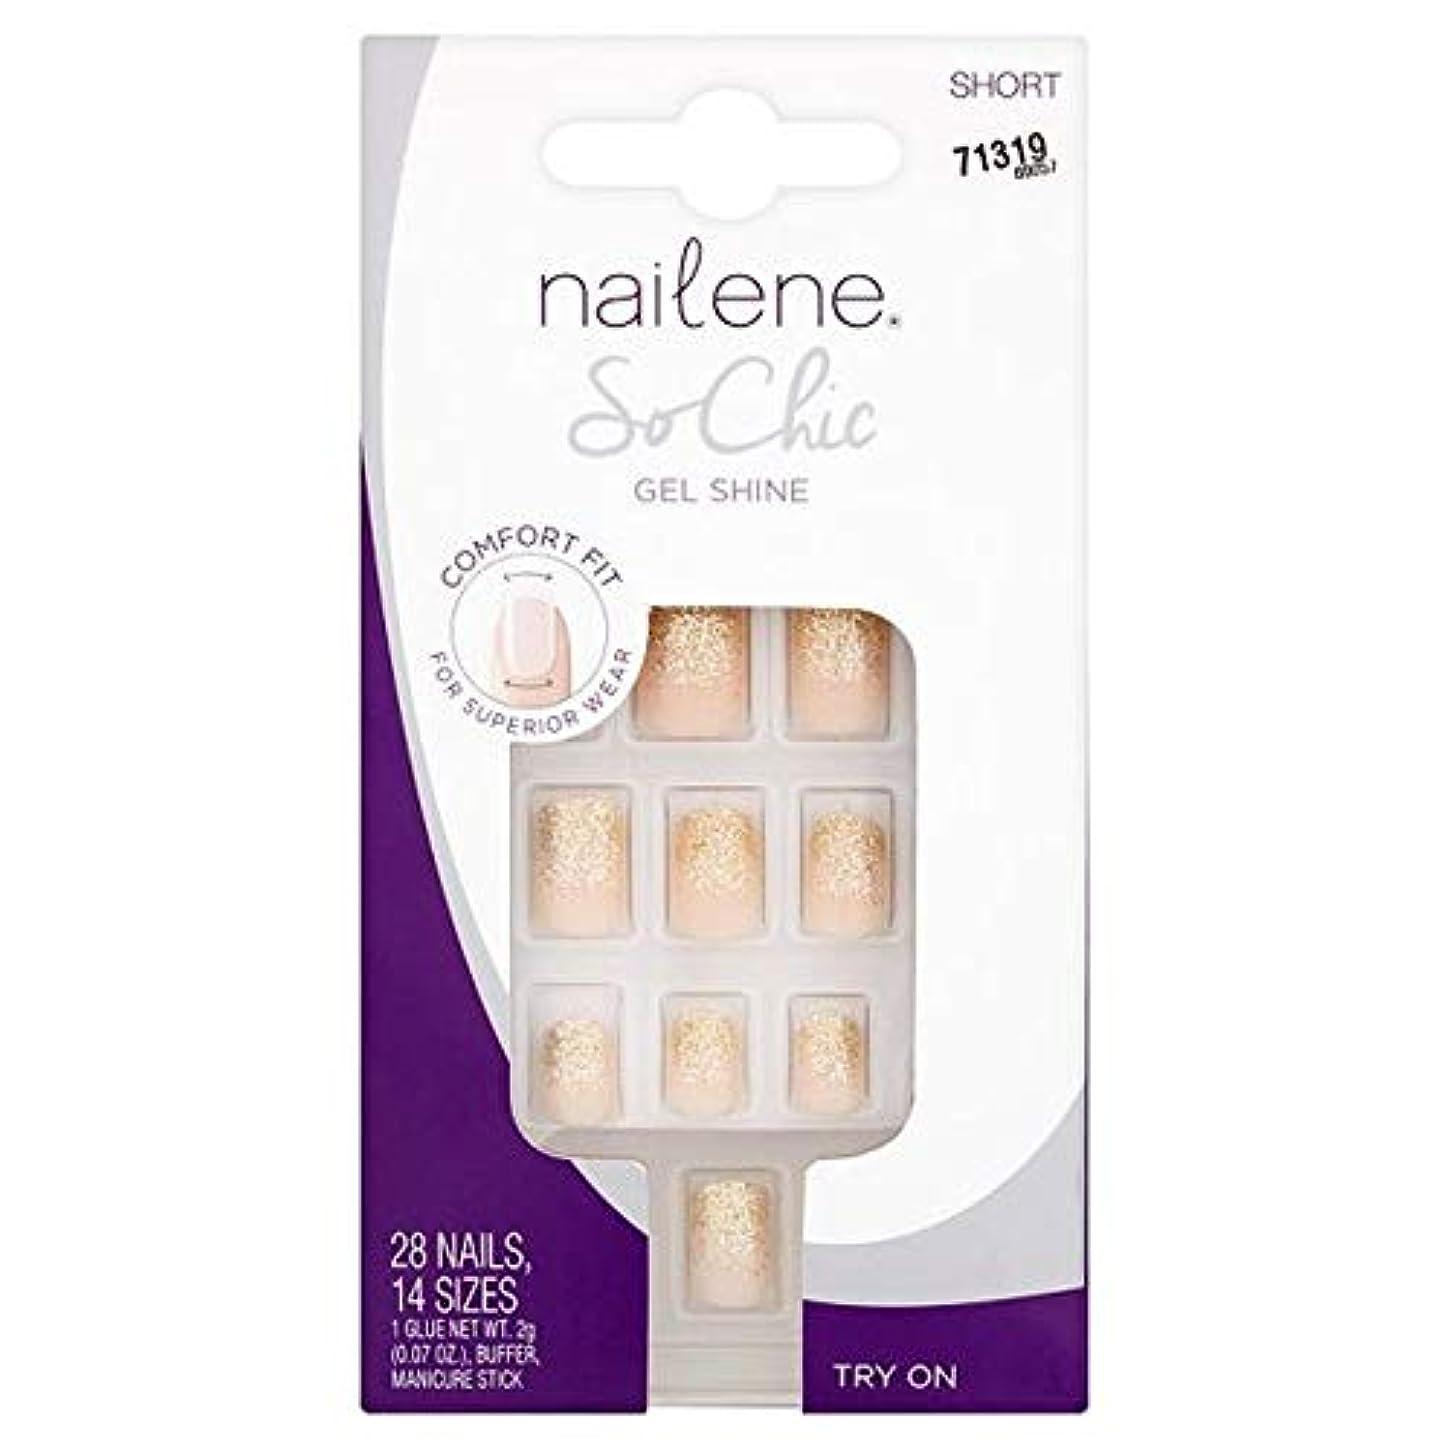 寛大なメニューなんとなく[Nailene] Nailene釘ので、シックなゲル輝き - Nailene Nails So Chic Gel Shine [並行輸入品]